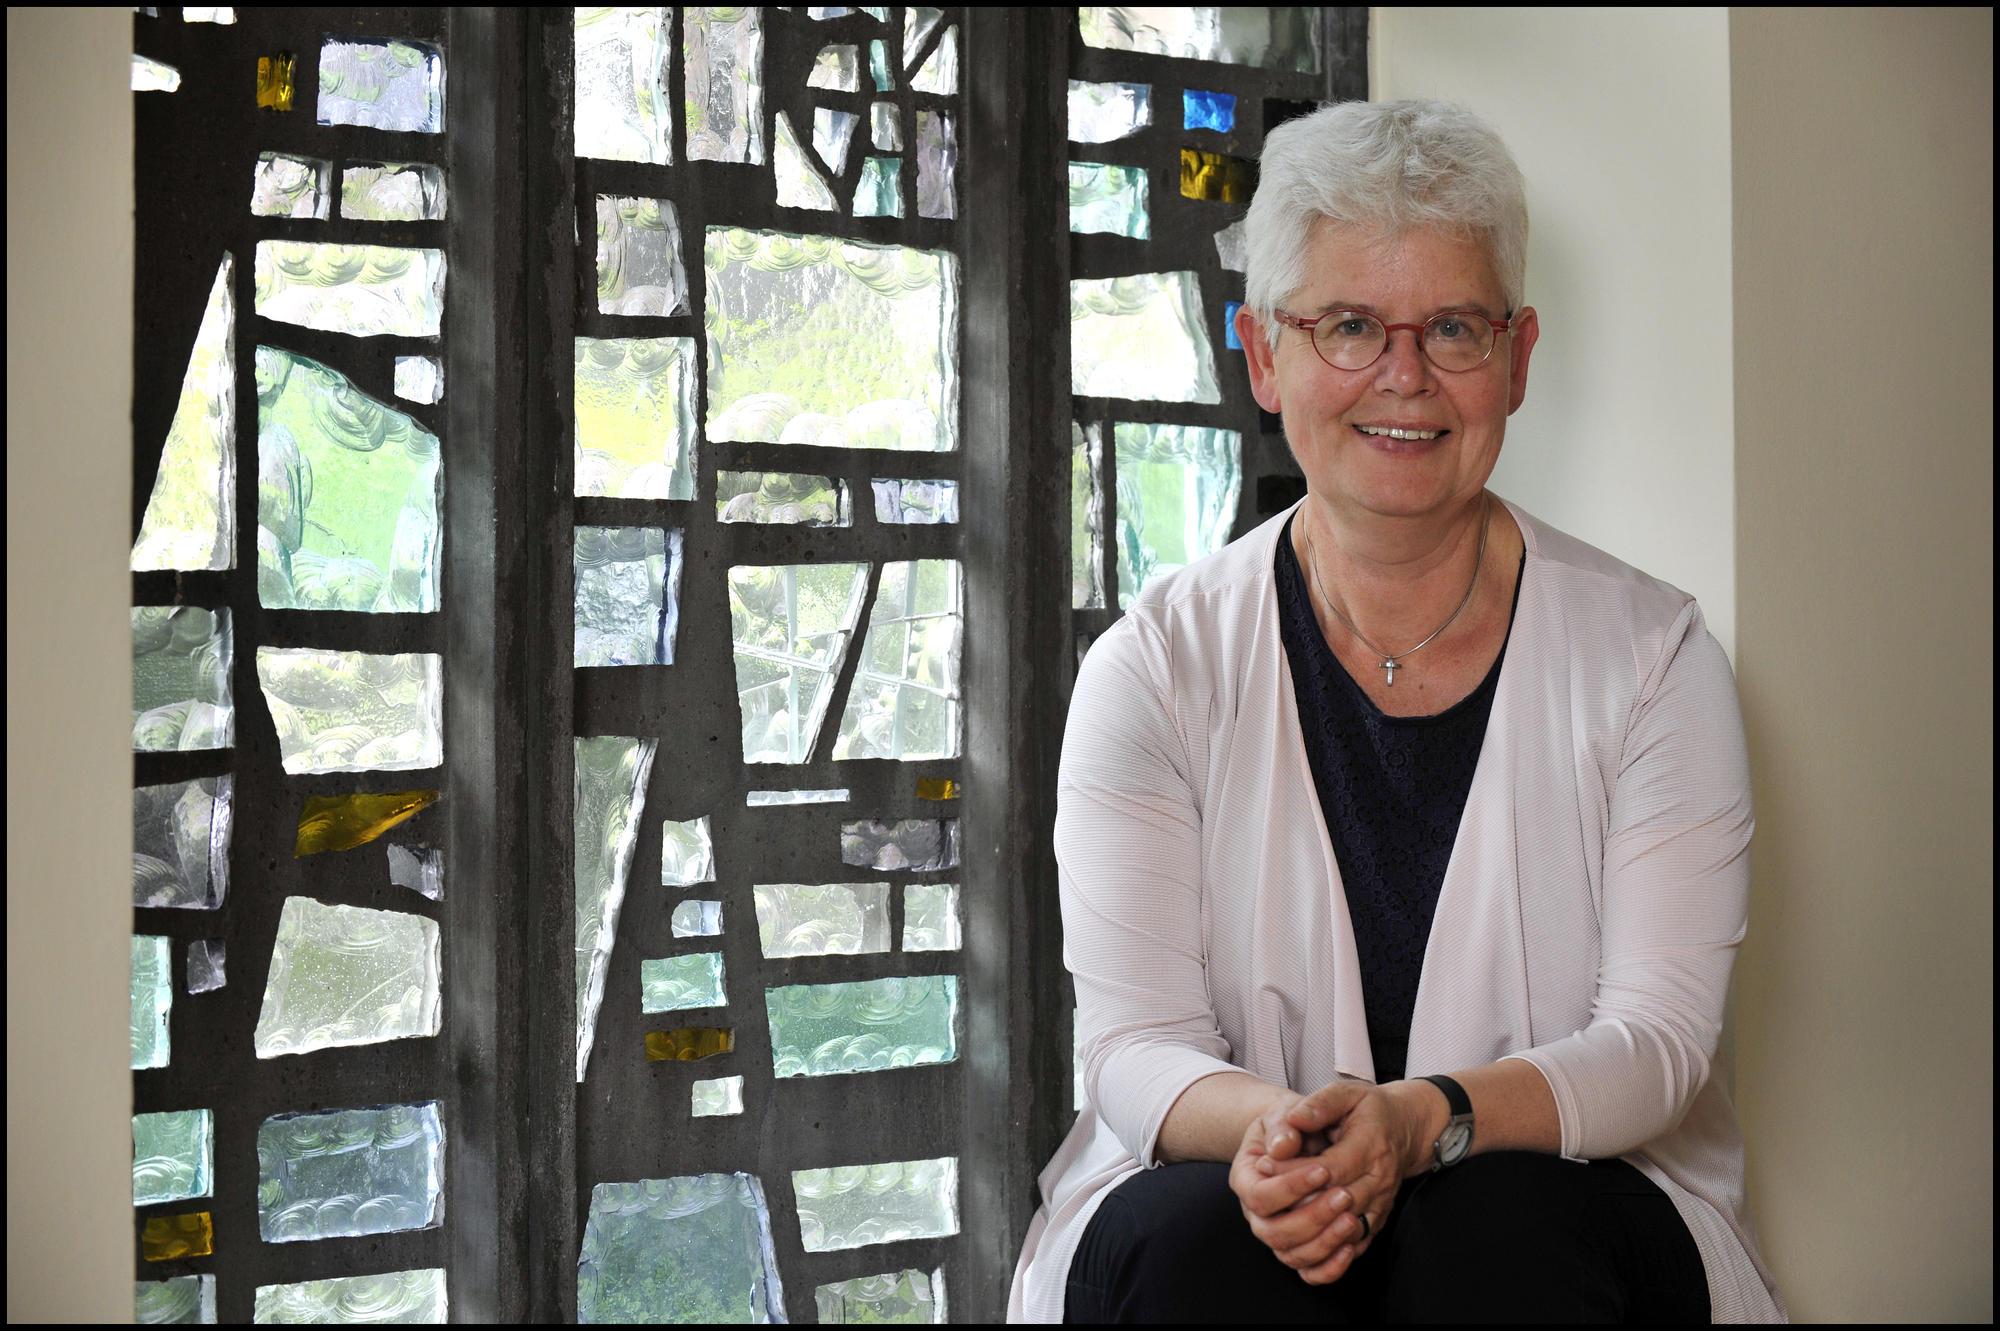 Zuster Mieke Kerckhof © Violet Corbett Brock